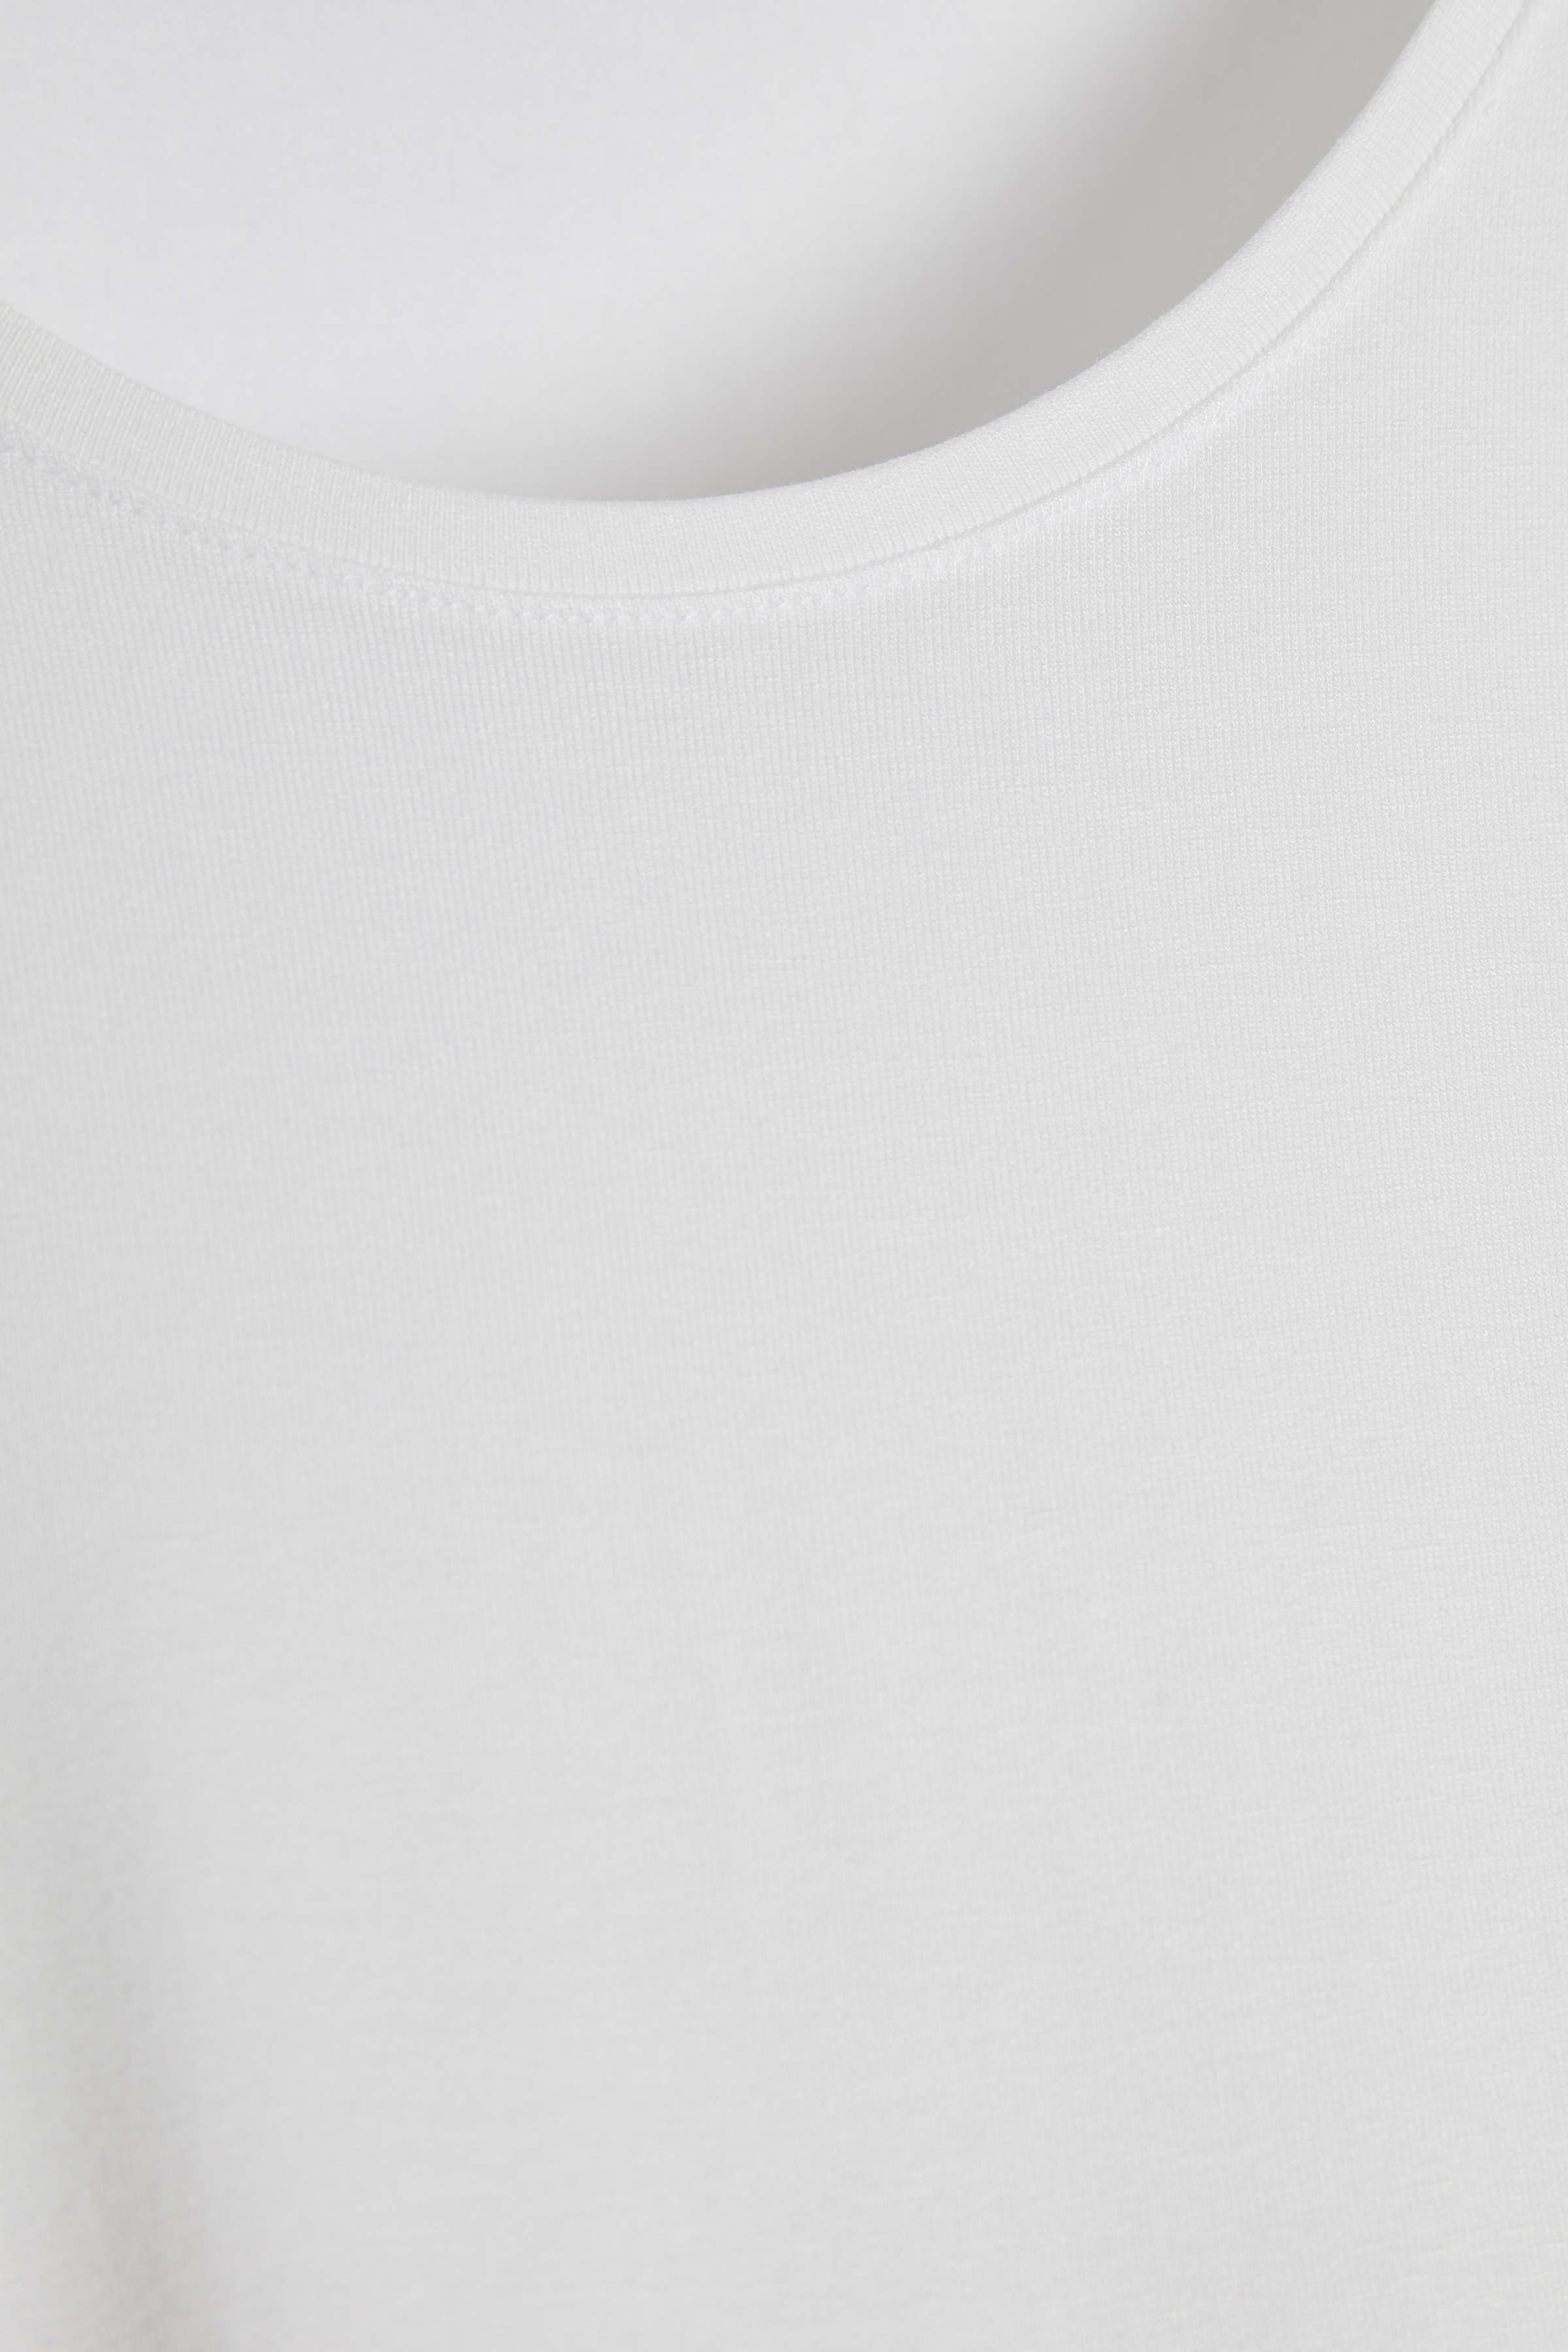 Vit T-shirt från Fransa – Köp Vit T-shirt från stl. XS-XXL här